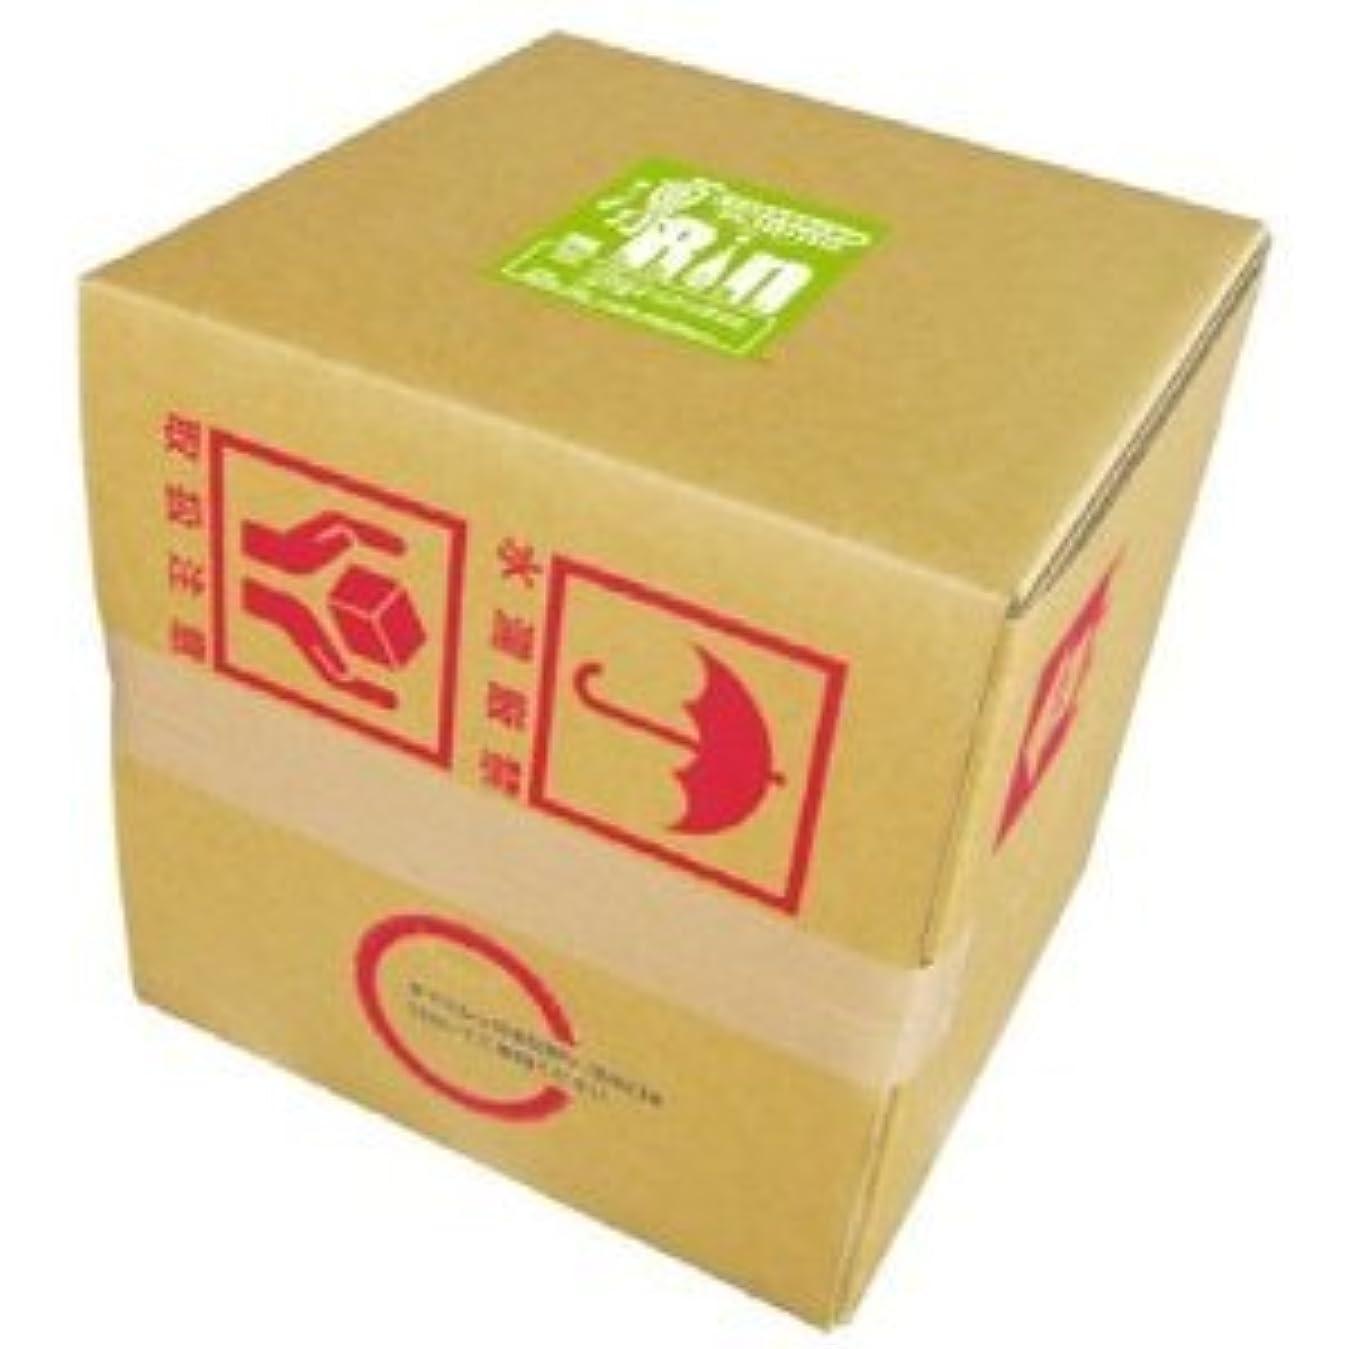 押すオークション干ばつくさの葉化粧品 ボディソープ 凛 20リットル 箱